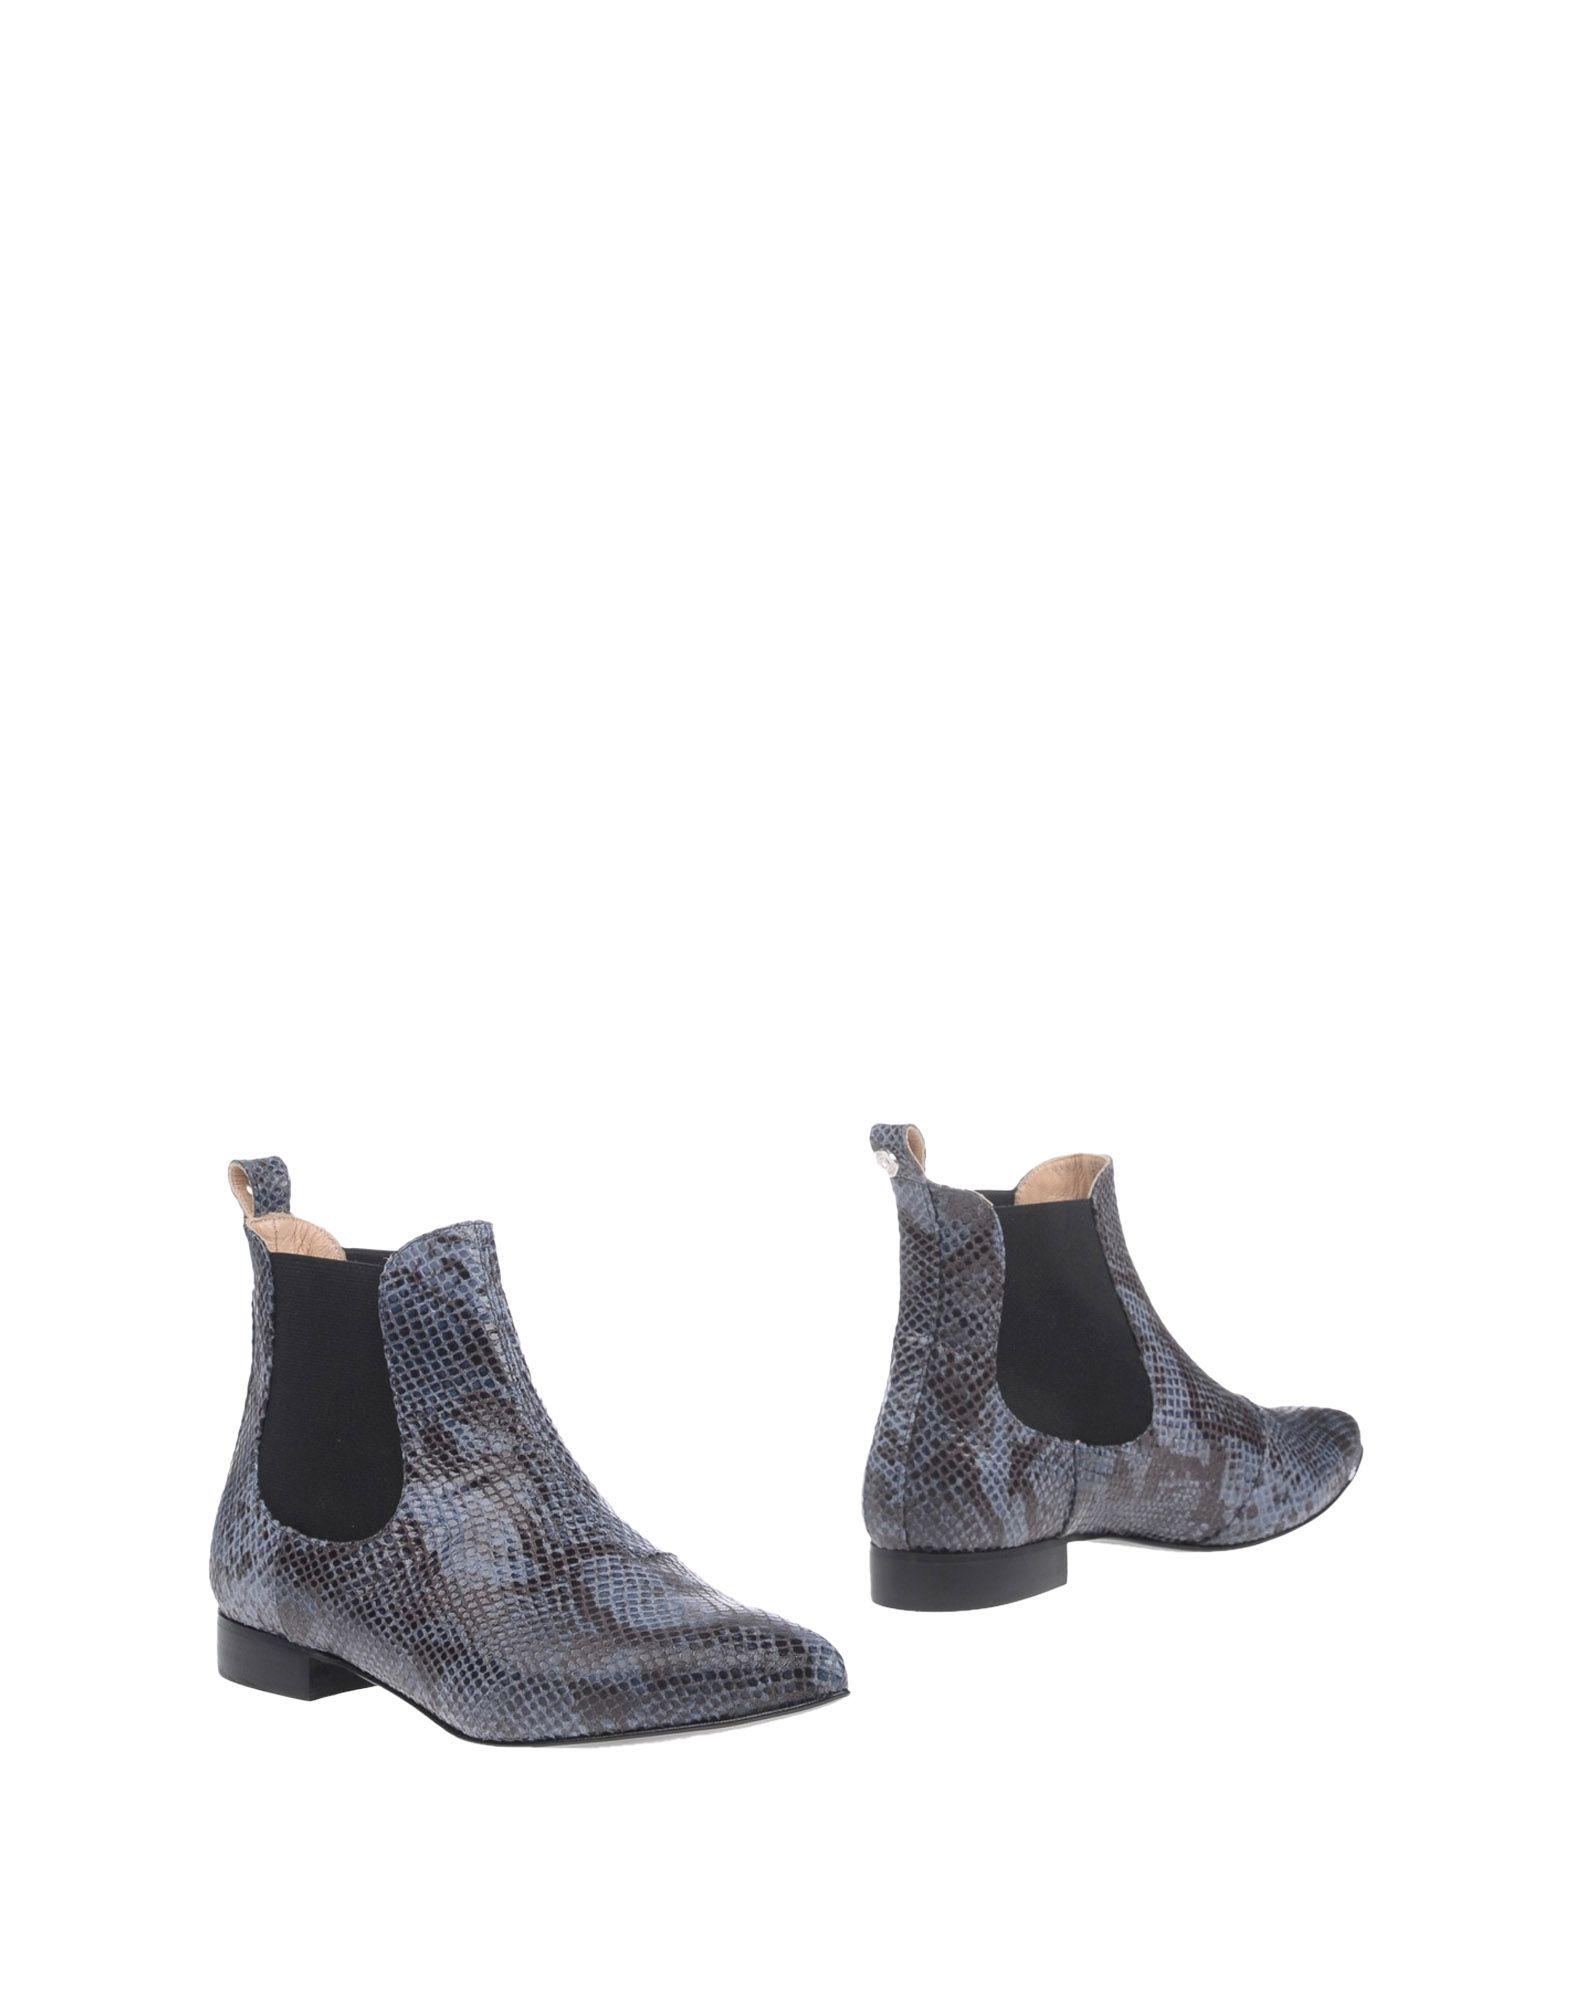 Bottillons Liu •Jo Shoes Femme - Bottillons Liu •Jo Shoes sur